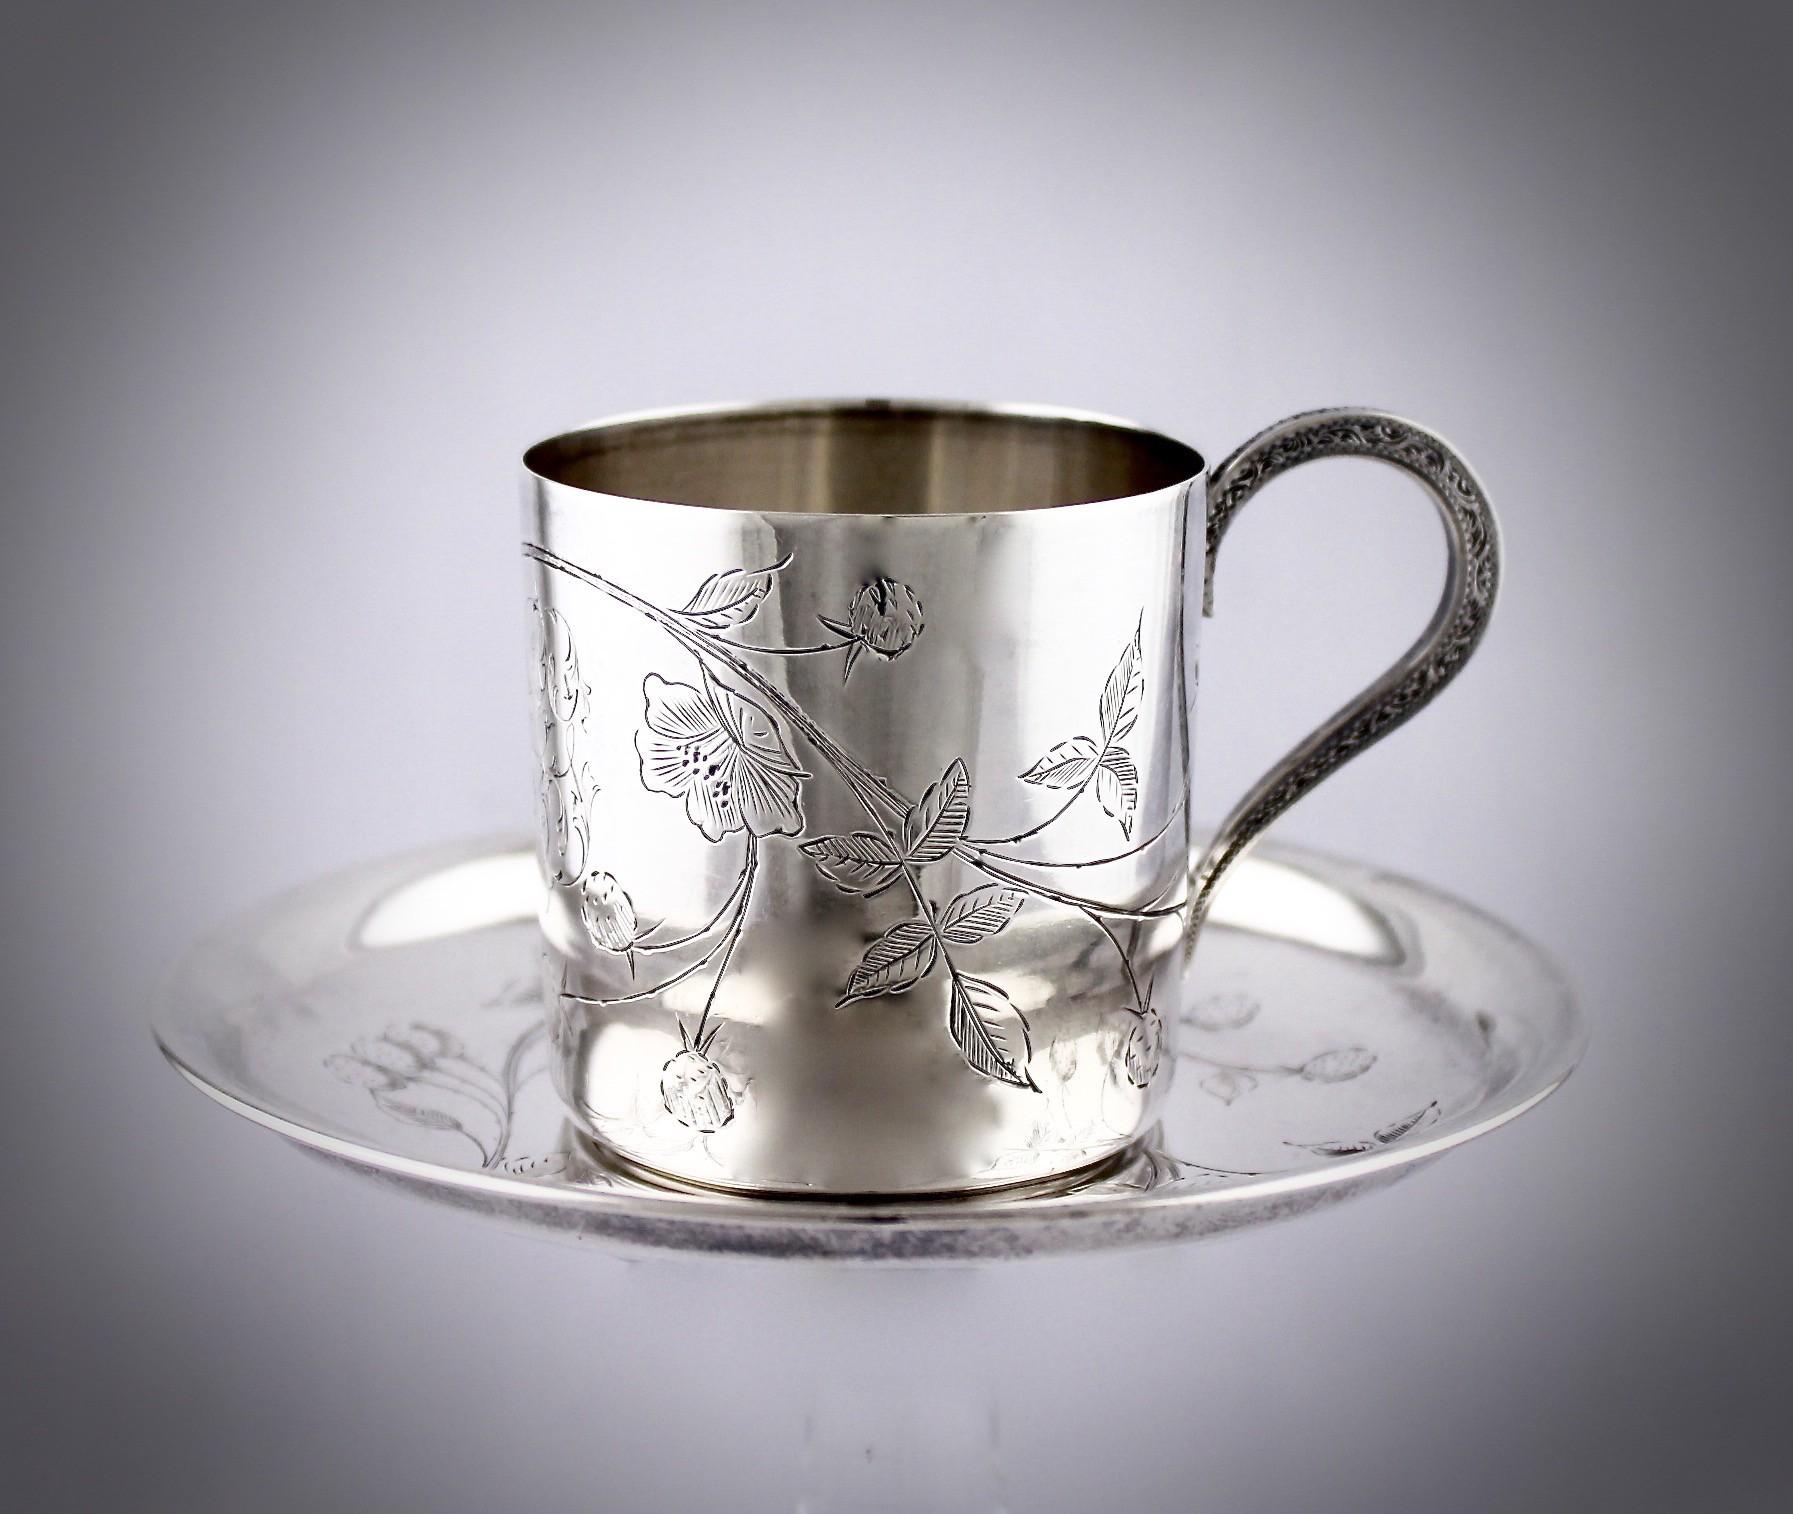 Кофейная серебряная чашка с блюдцем